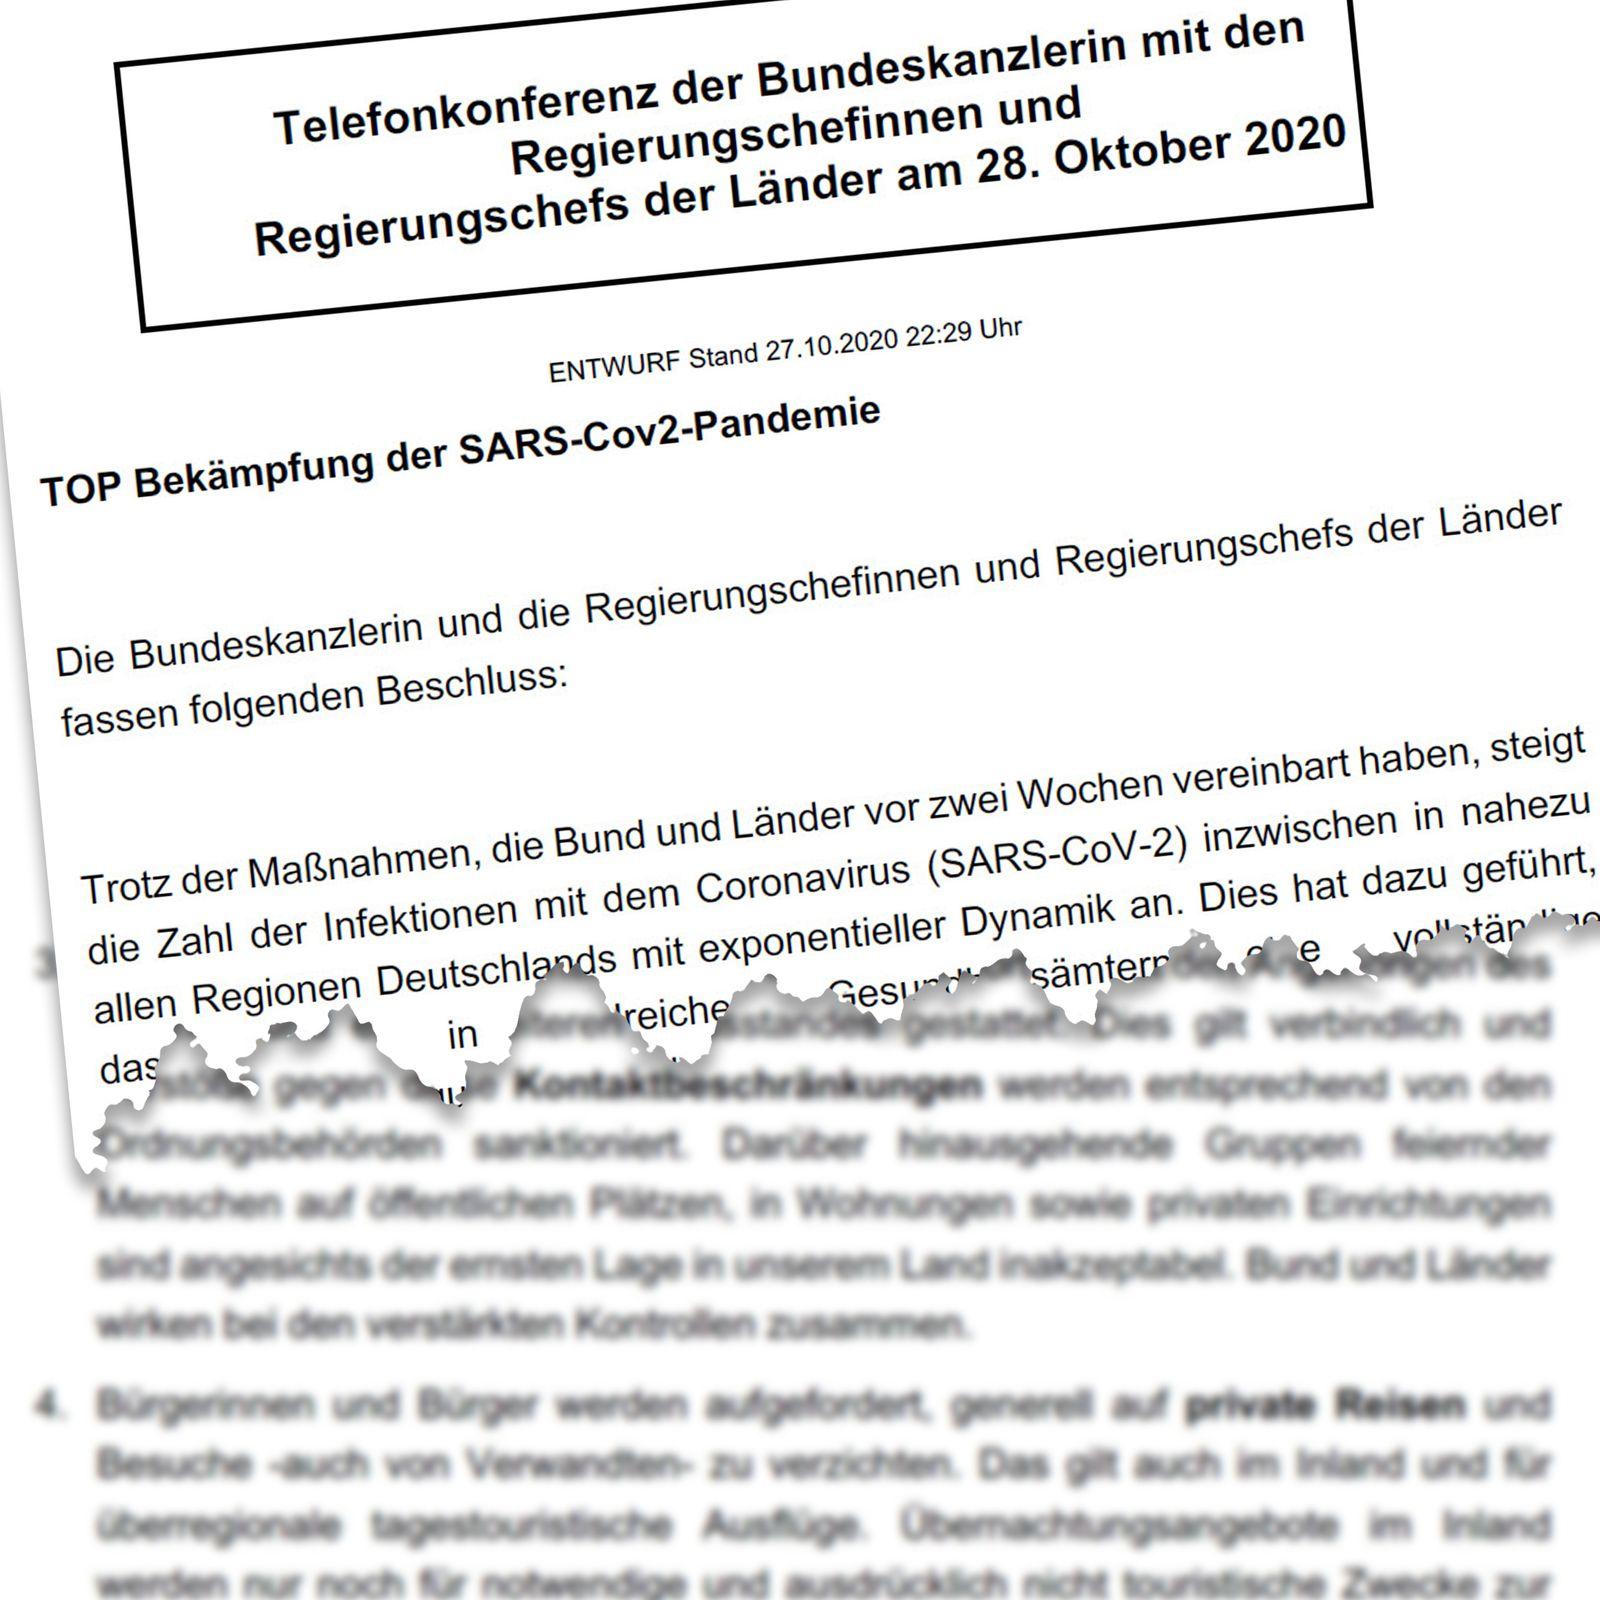 AUSRISS Entwurf Telko Regierung 28.10.2020